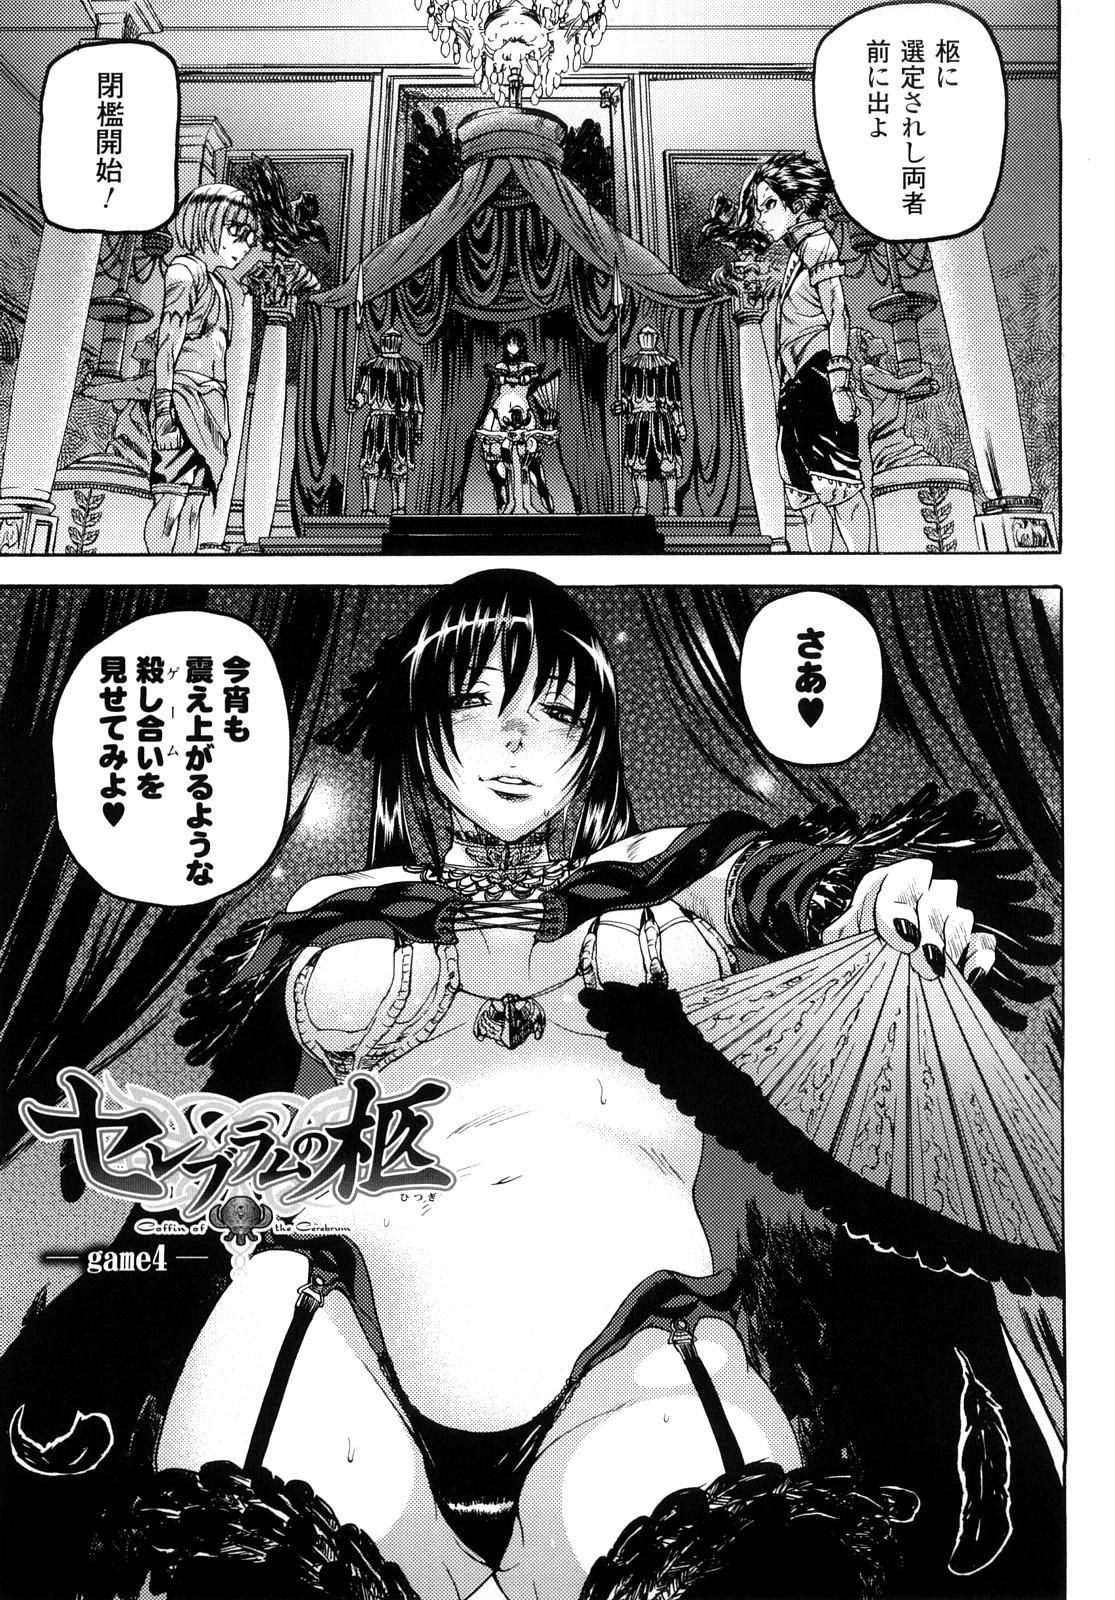 Cerberum no Hitsugi Haitoku no Hanmegami - The Coffin of Cerebrum Immoral Demivenus 83